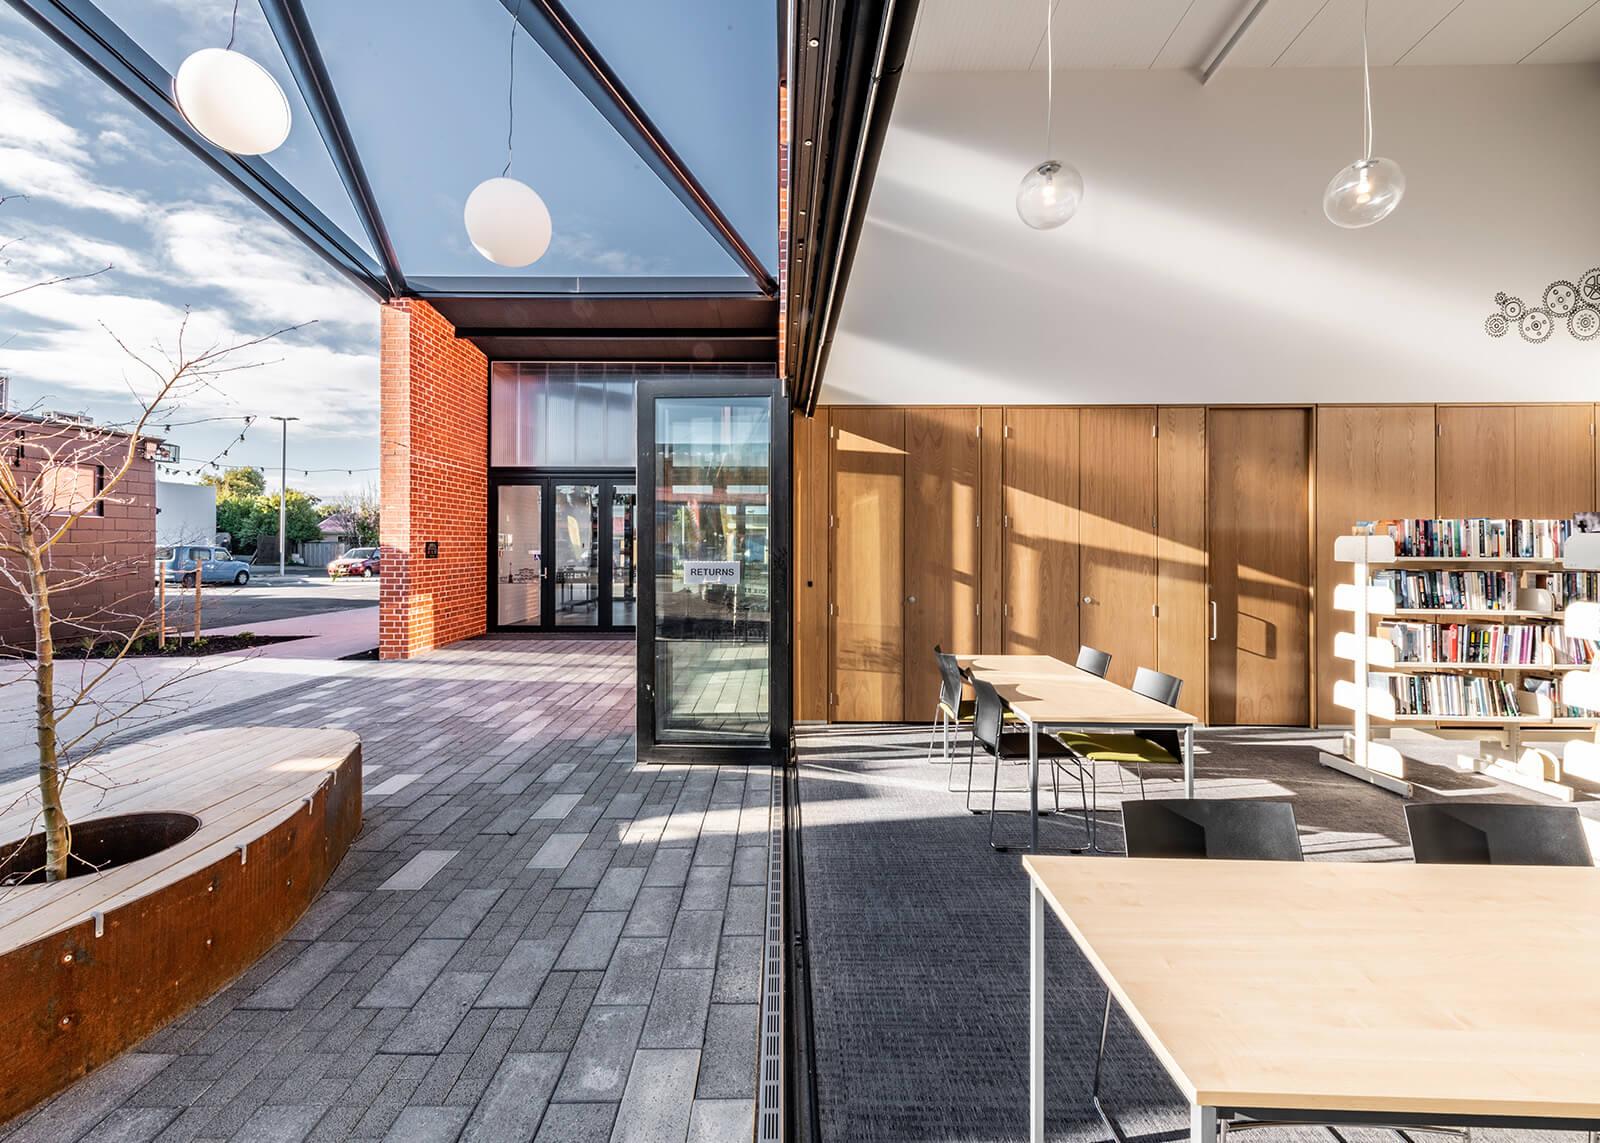 Bi-fold doors open to the courtyard